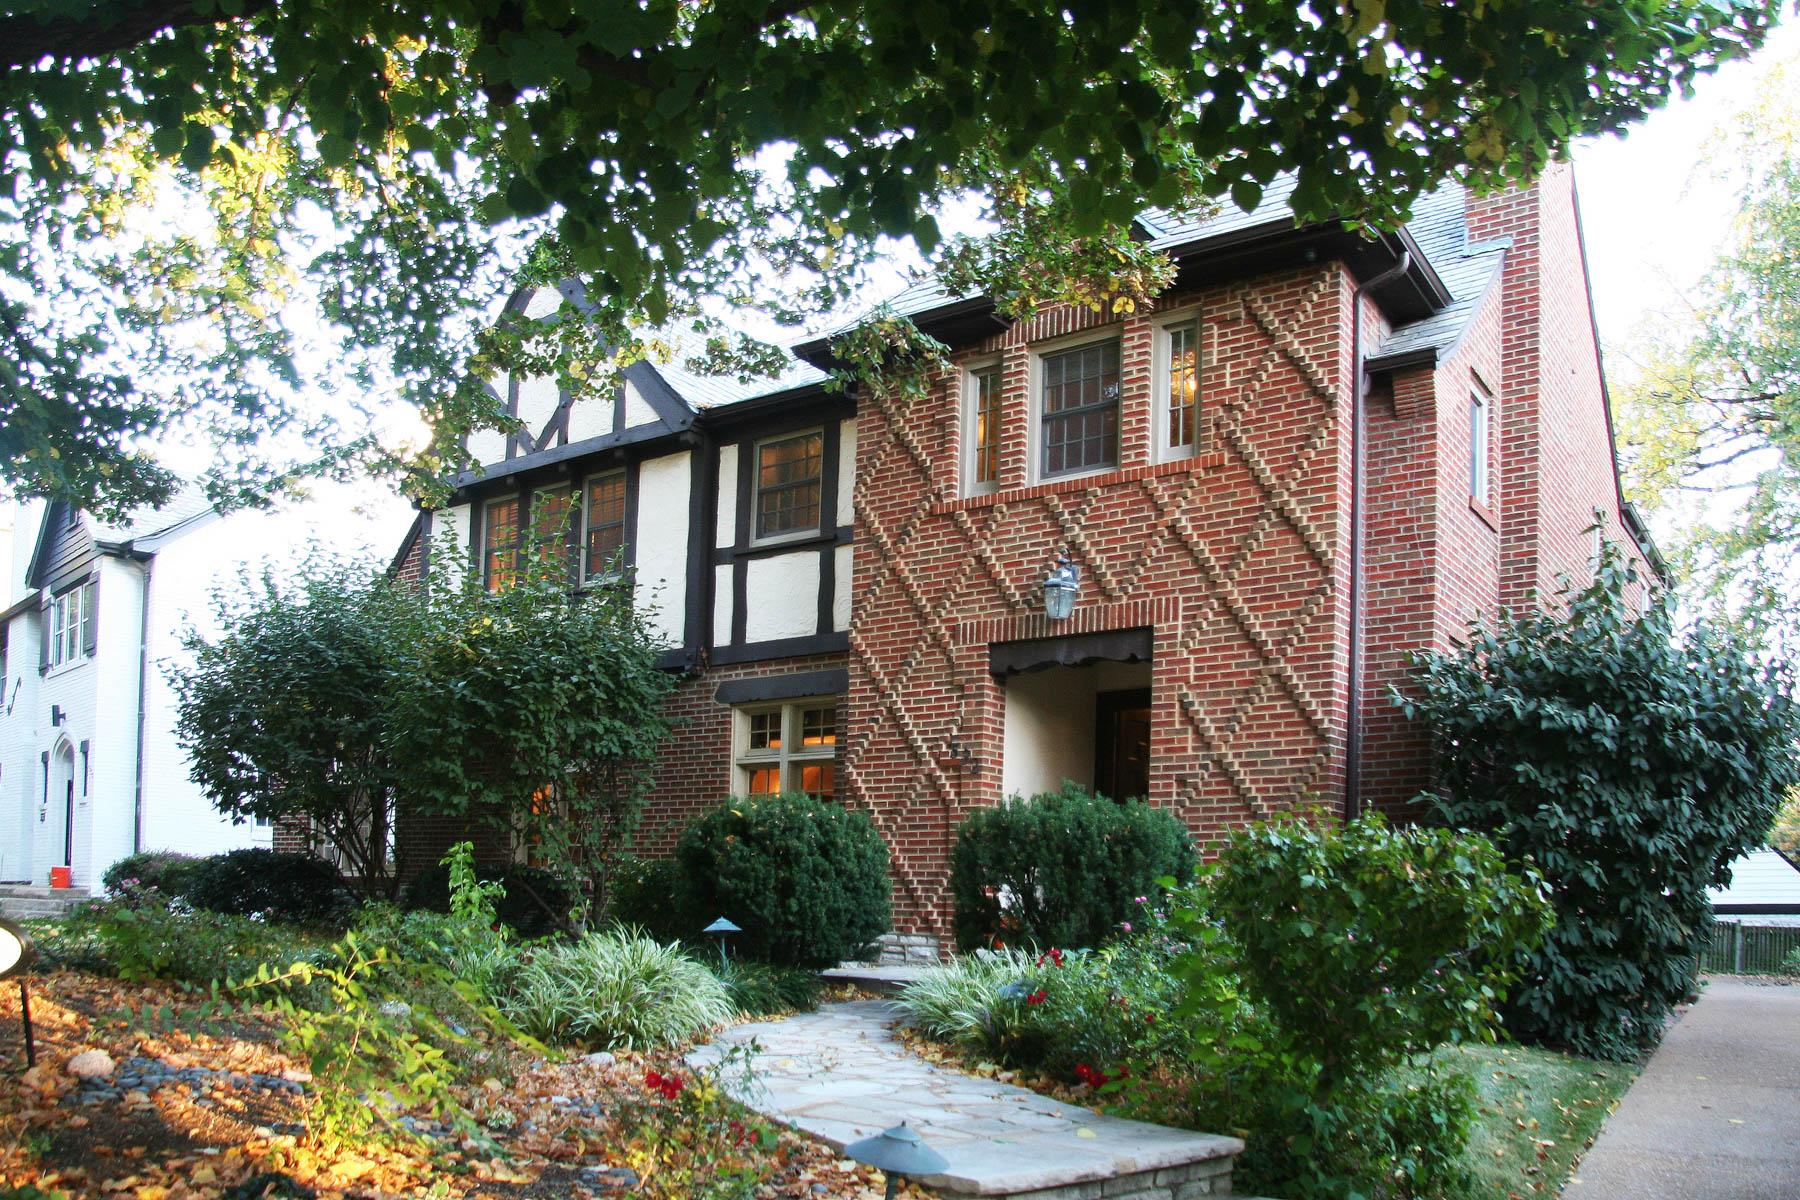 Maison unifamiliale pour l Vente à Midvale 532 Midvale Ave University City, Missouri 63130 États-Unis